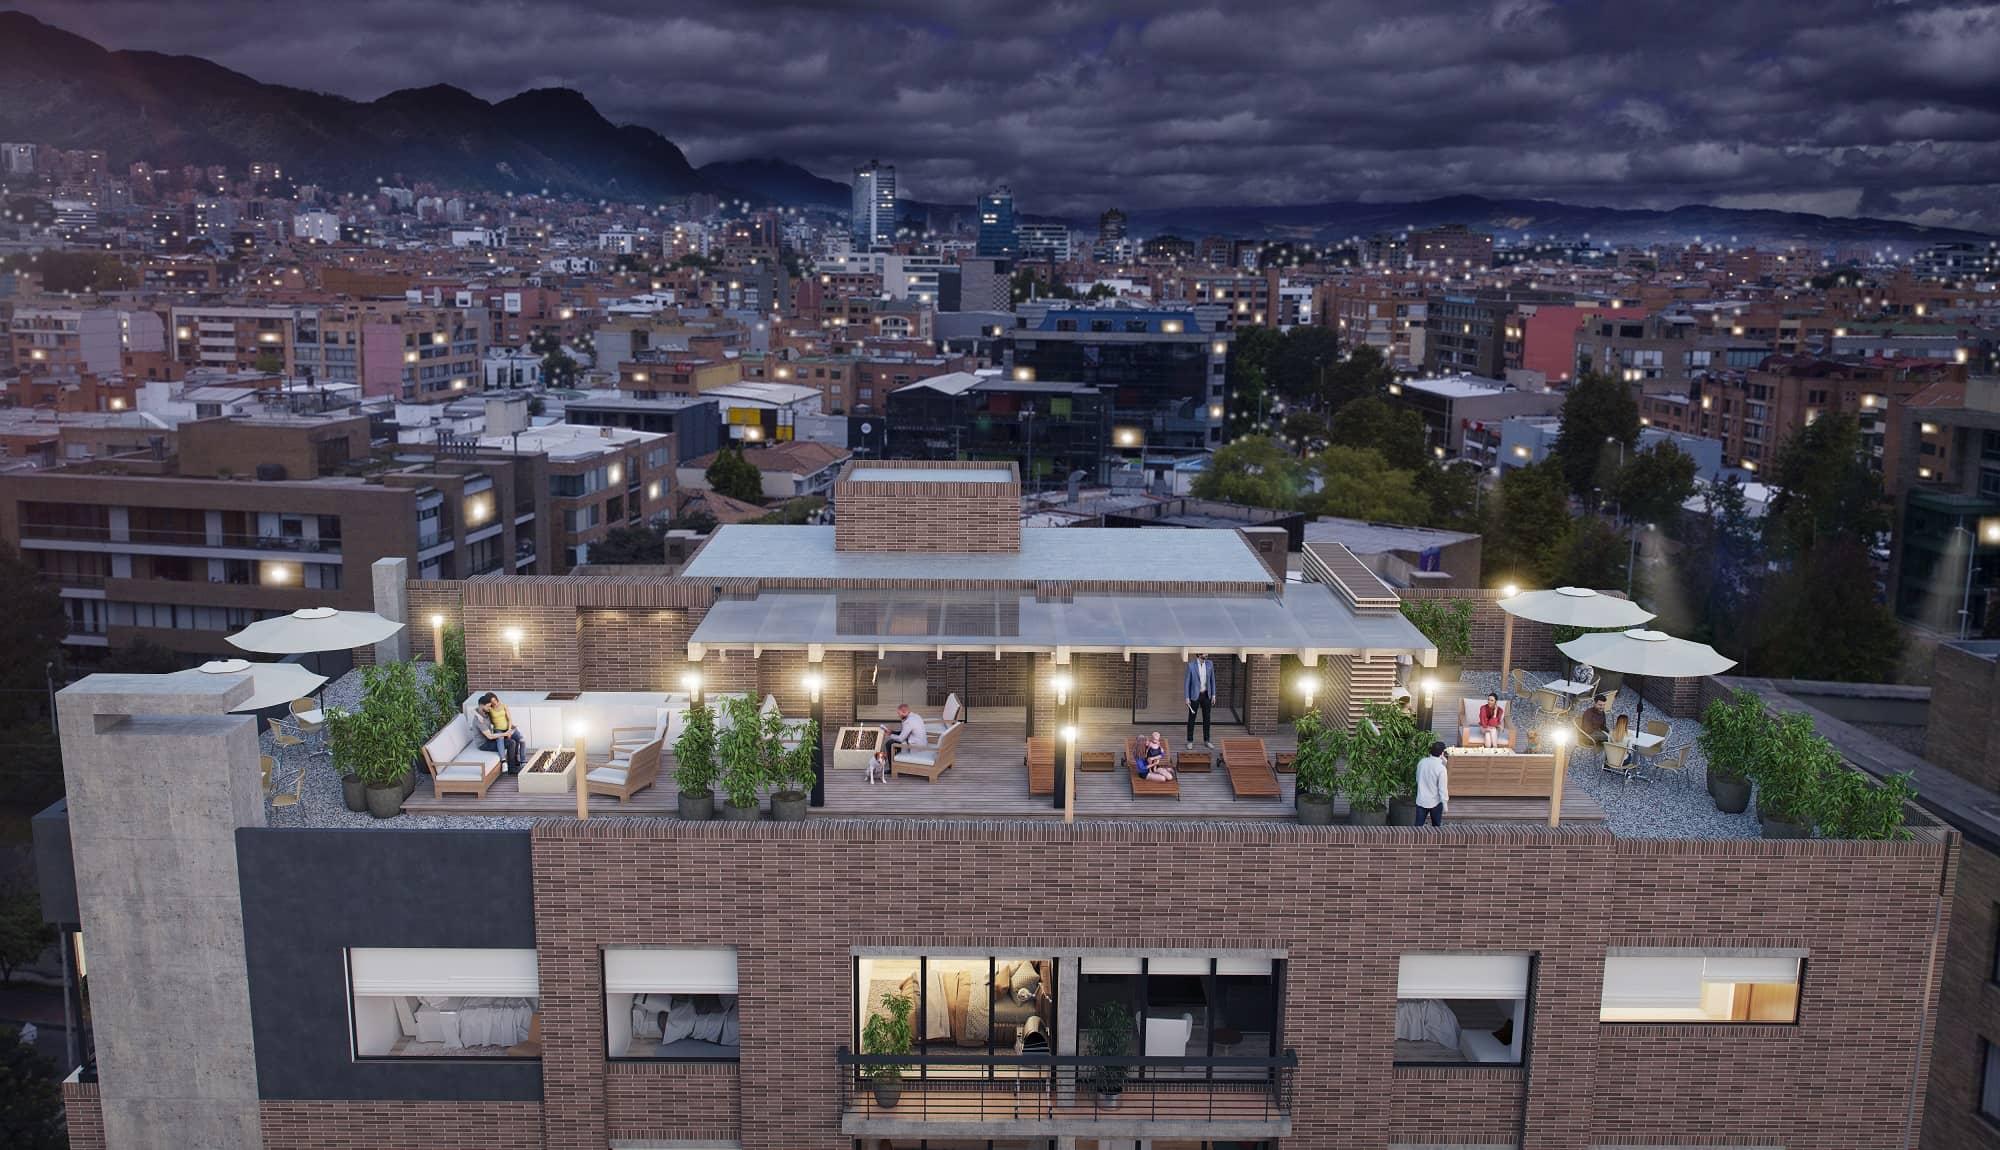 R-Edificio Andree_Exterior Aereo Terraza_2K_RGB